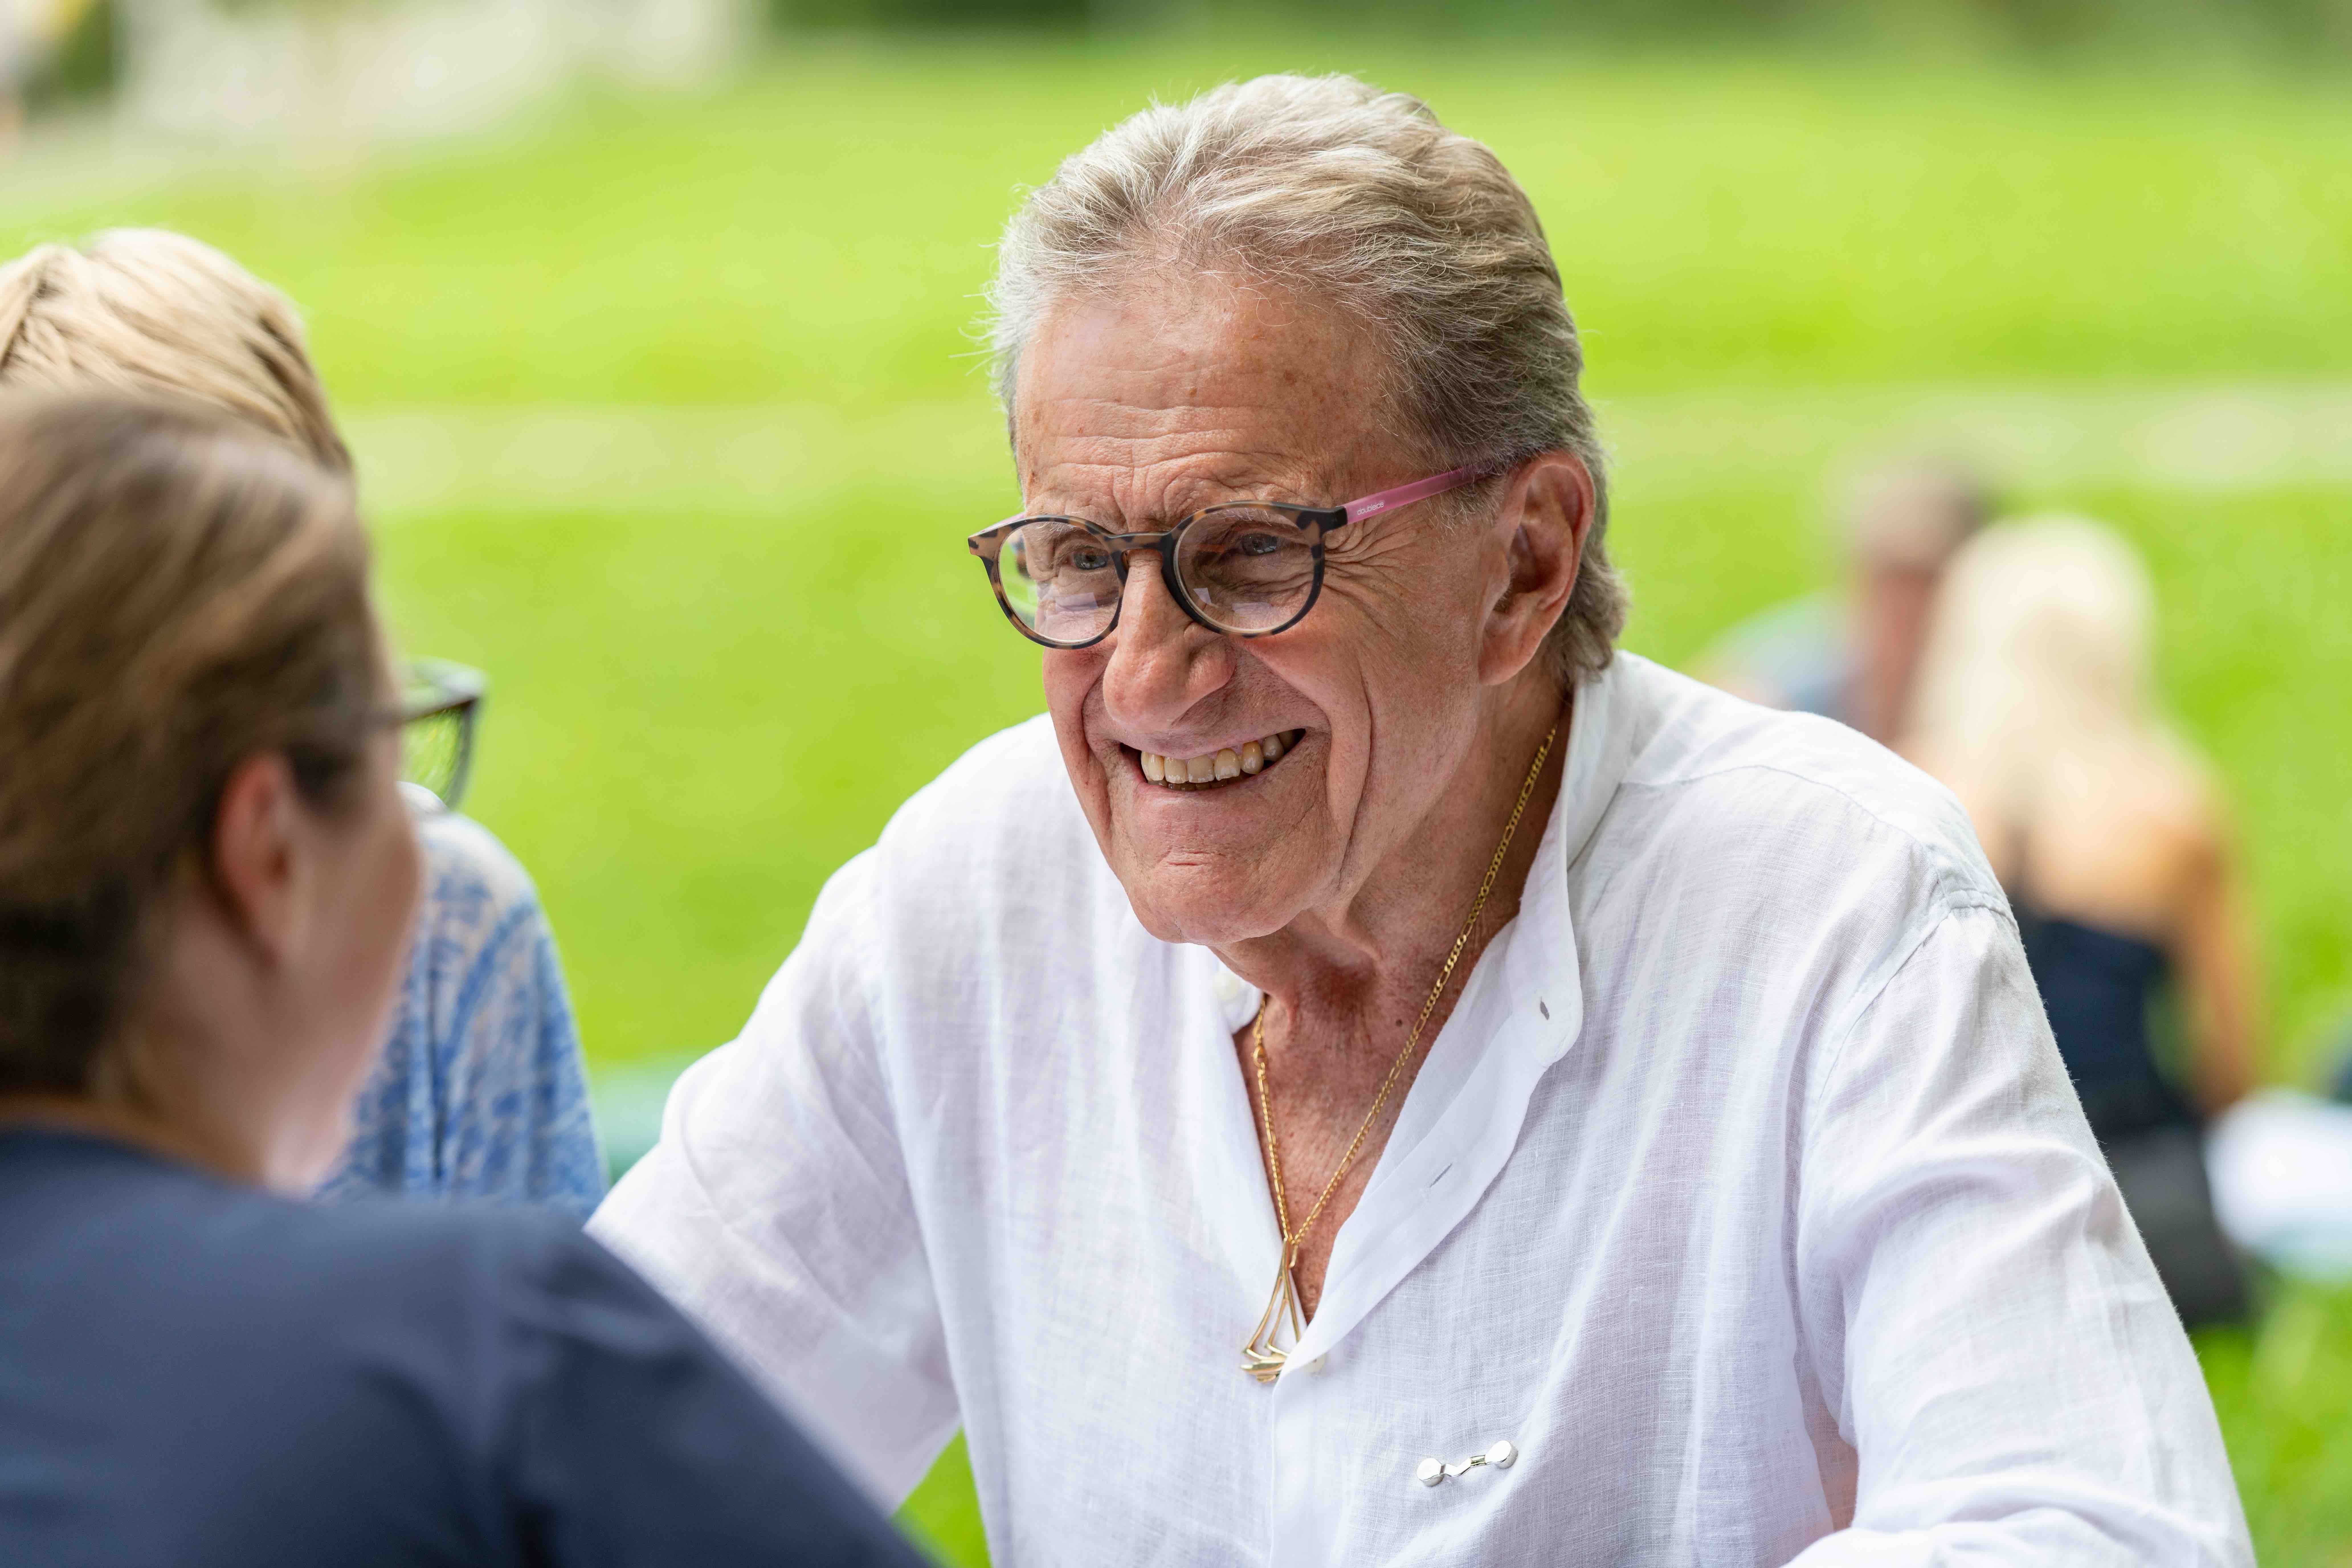 Alex Brockhoff, 75, Liechtenstein